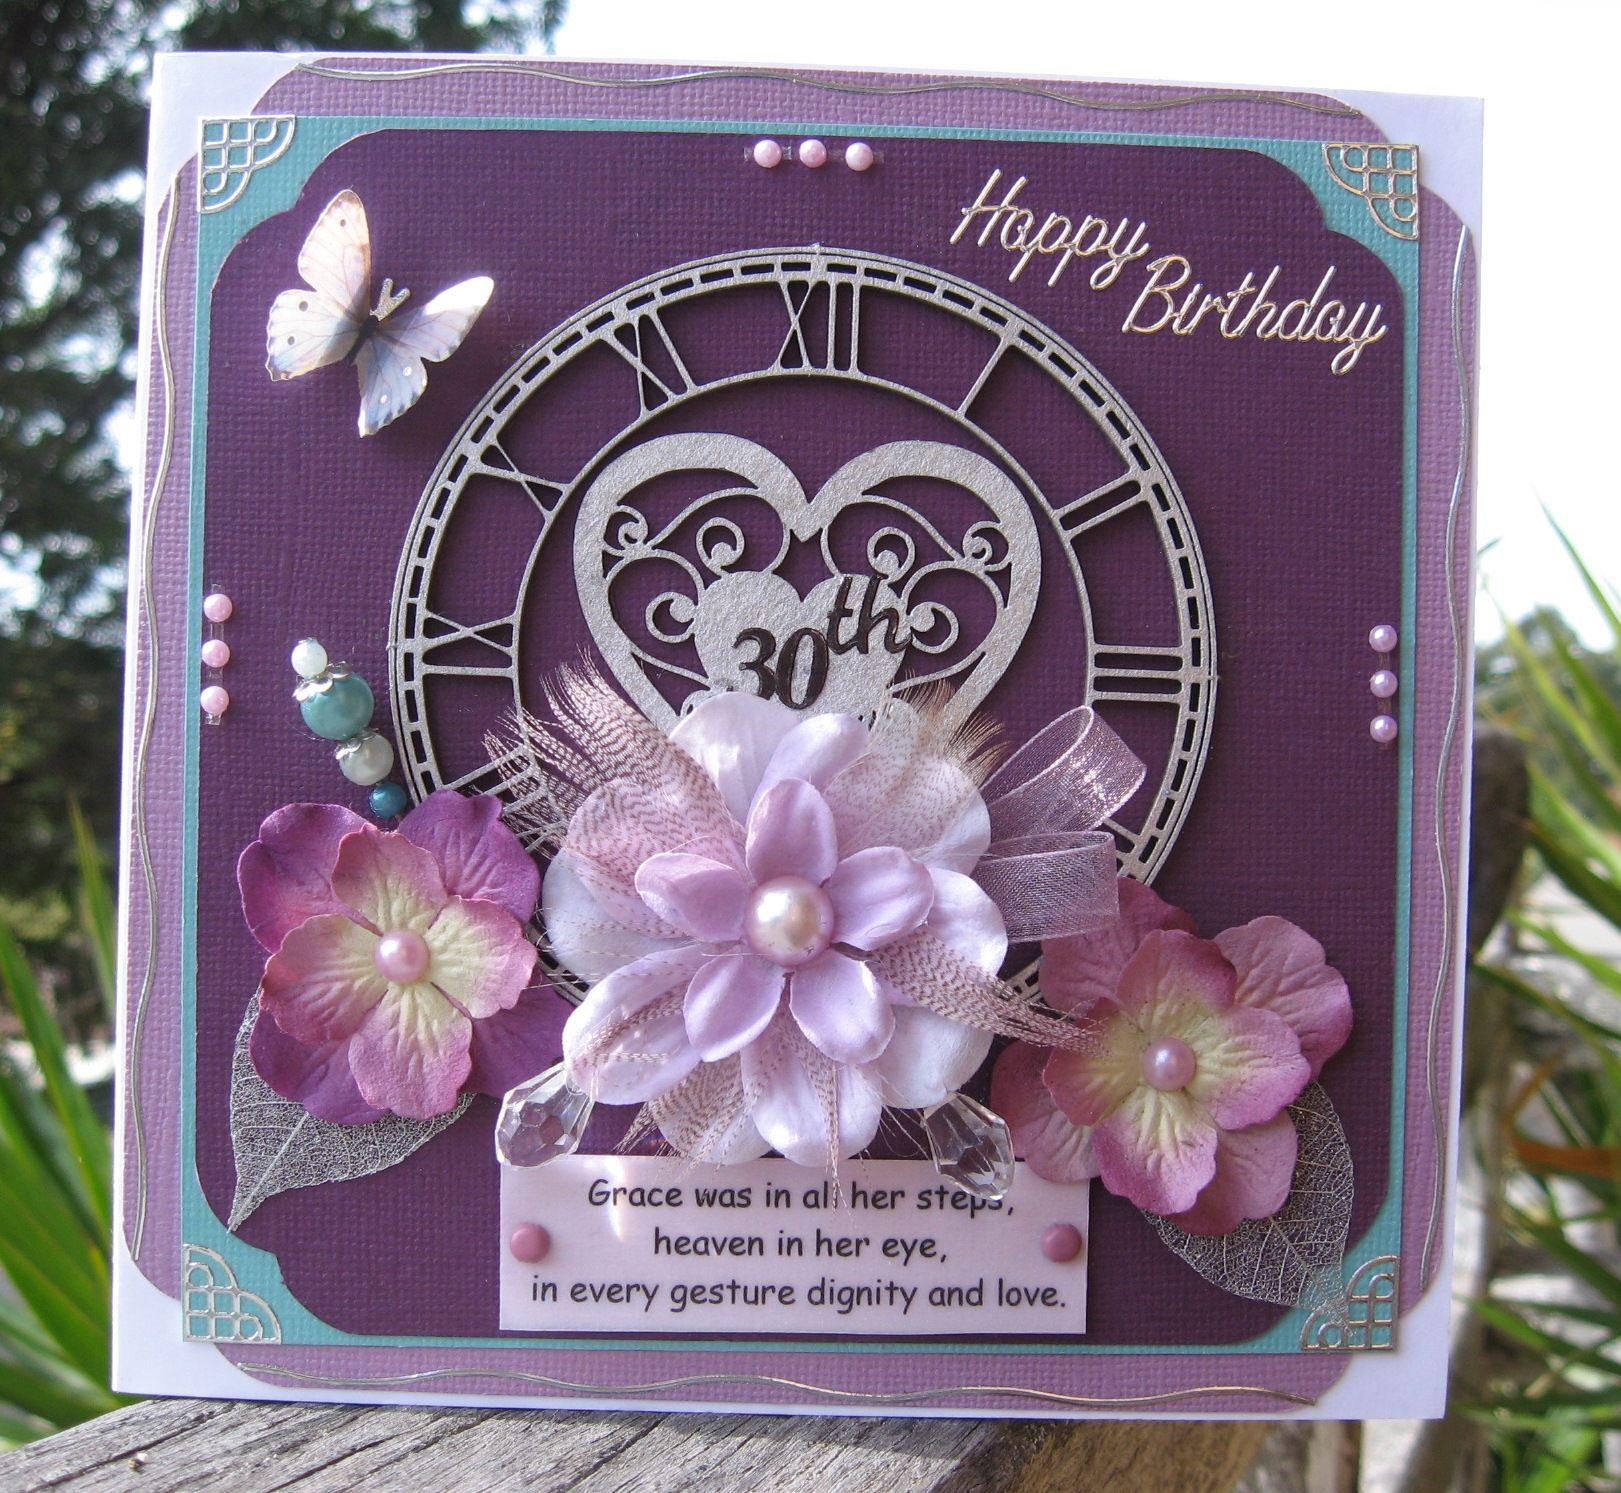 30th birthday 30th birthday birthday